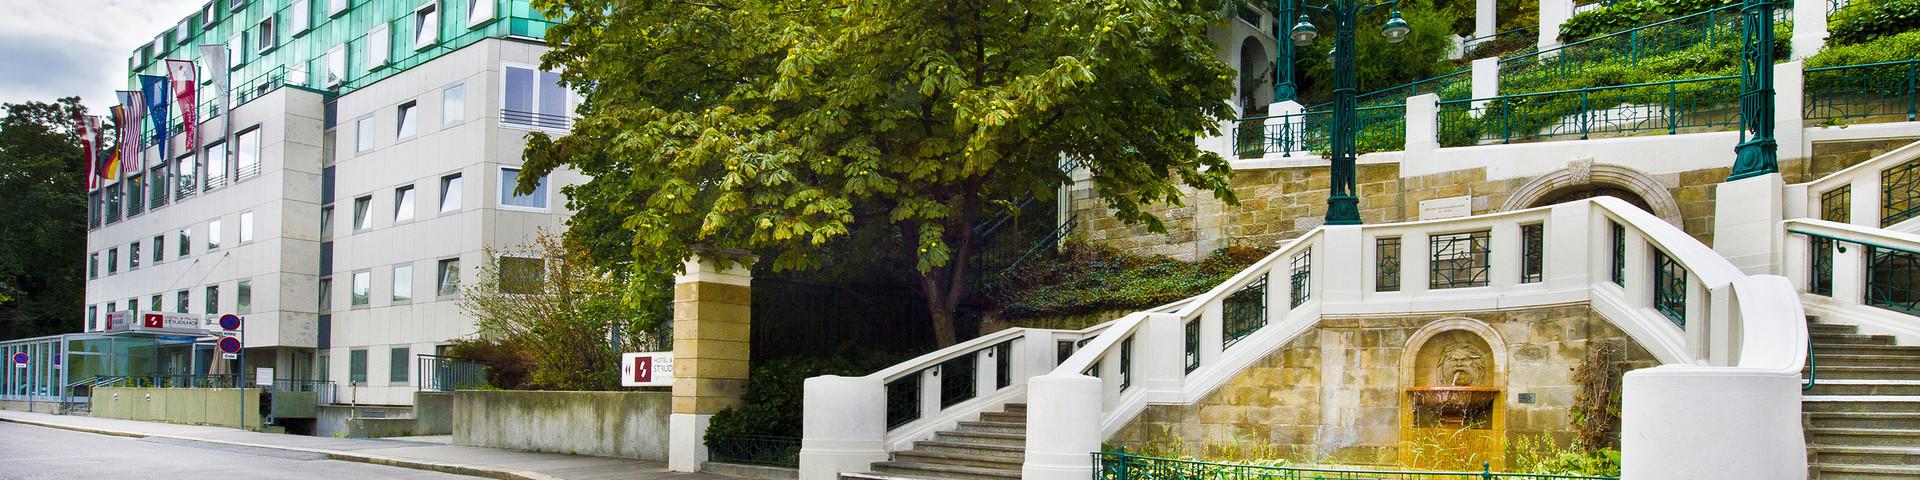 Palais Strudlhof - Aussenansicht © Palais Strudlhof